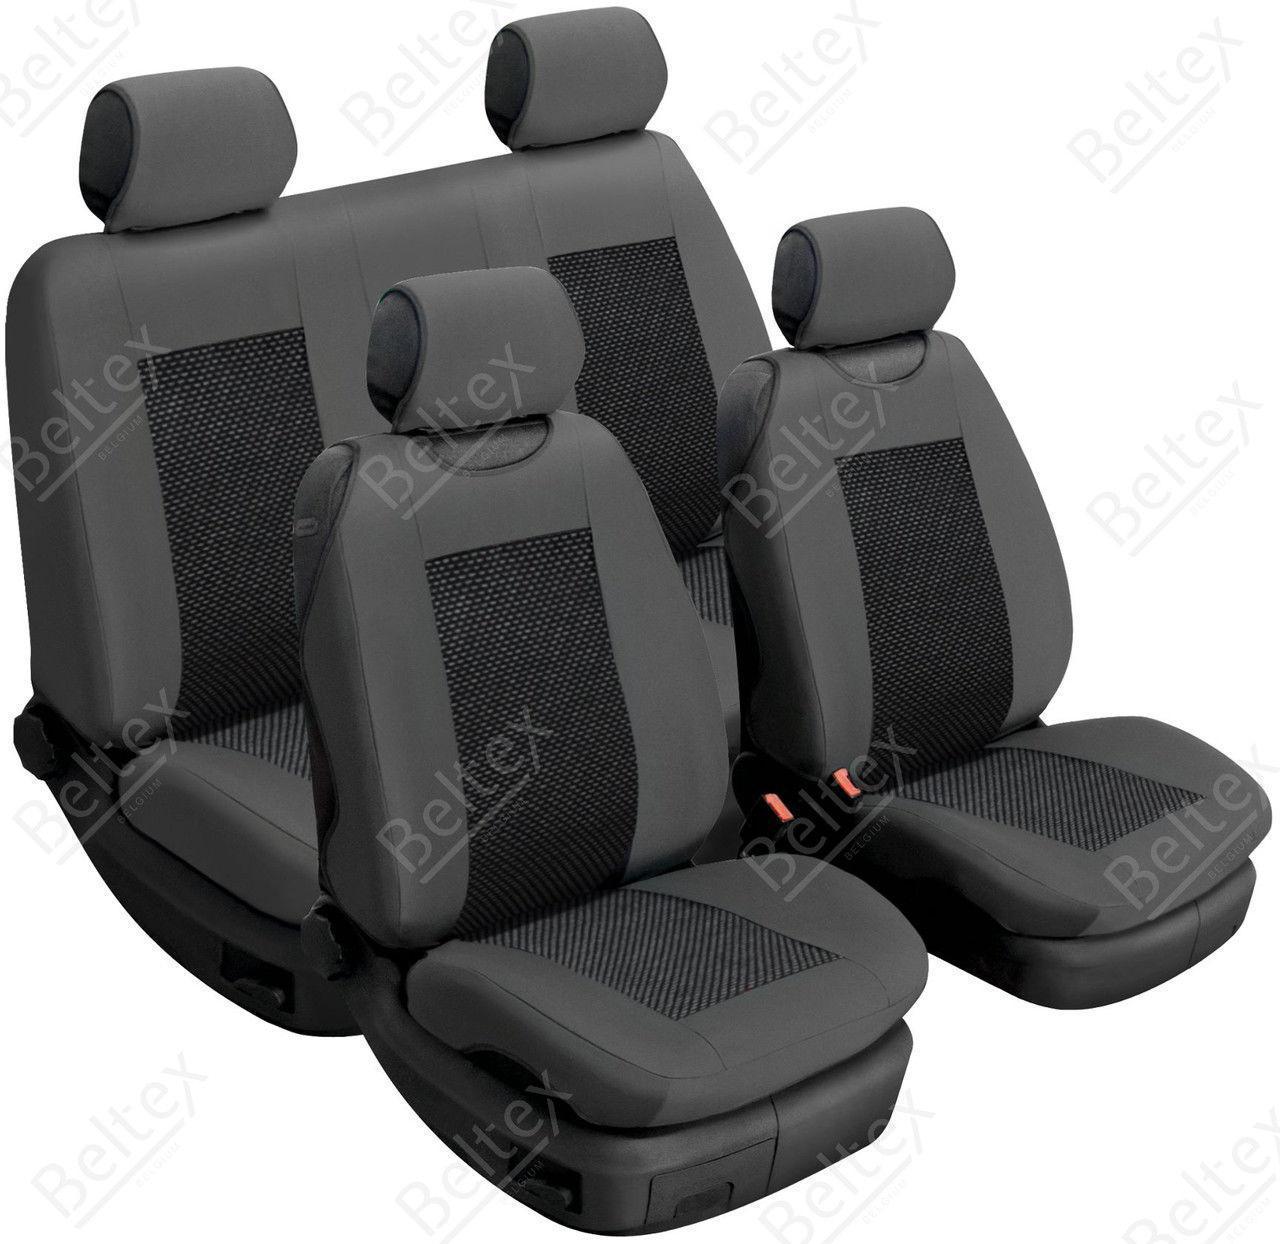 Майки/чехлы на сиденья БМВ Е32 (BMW E32)